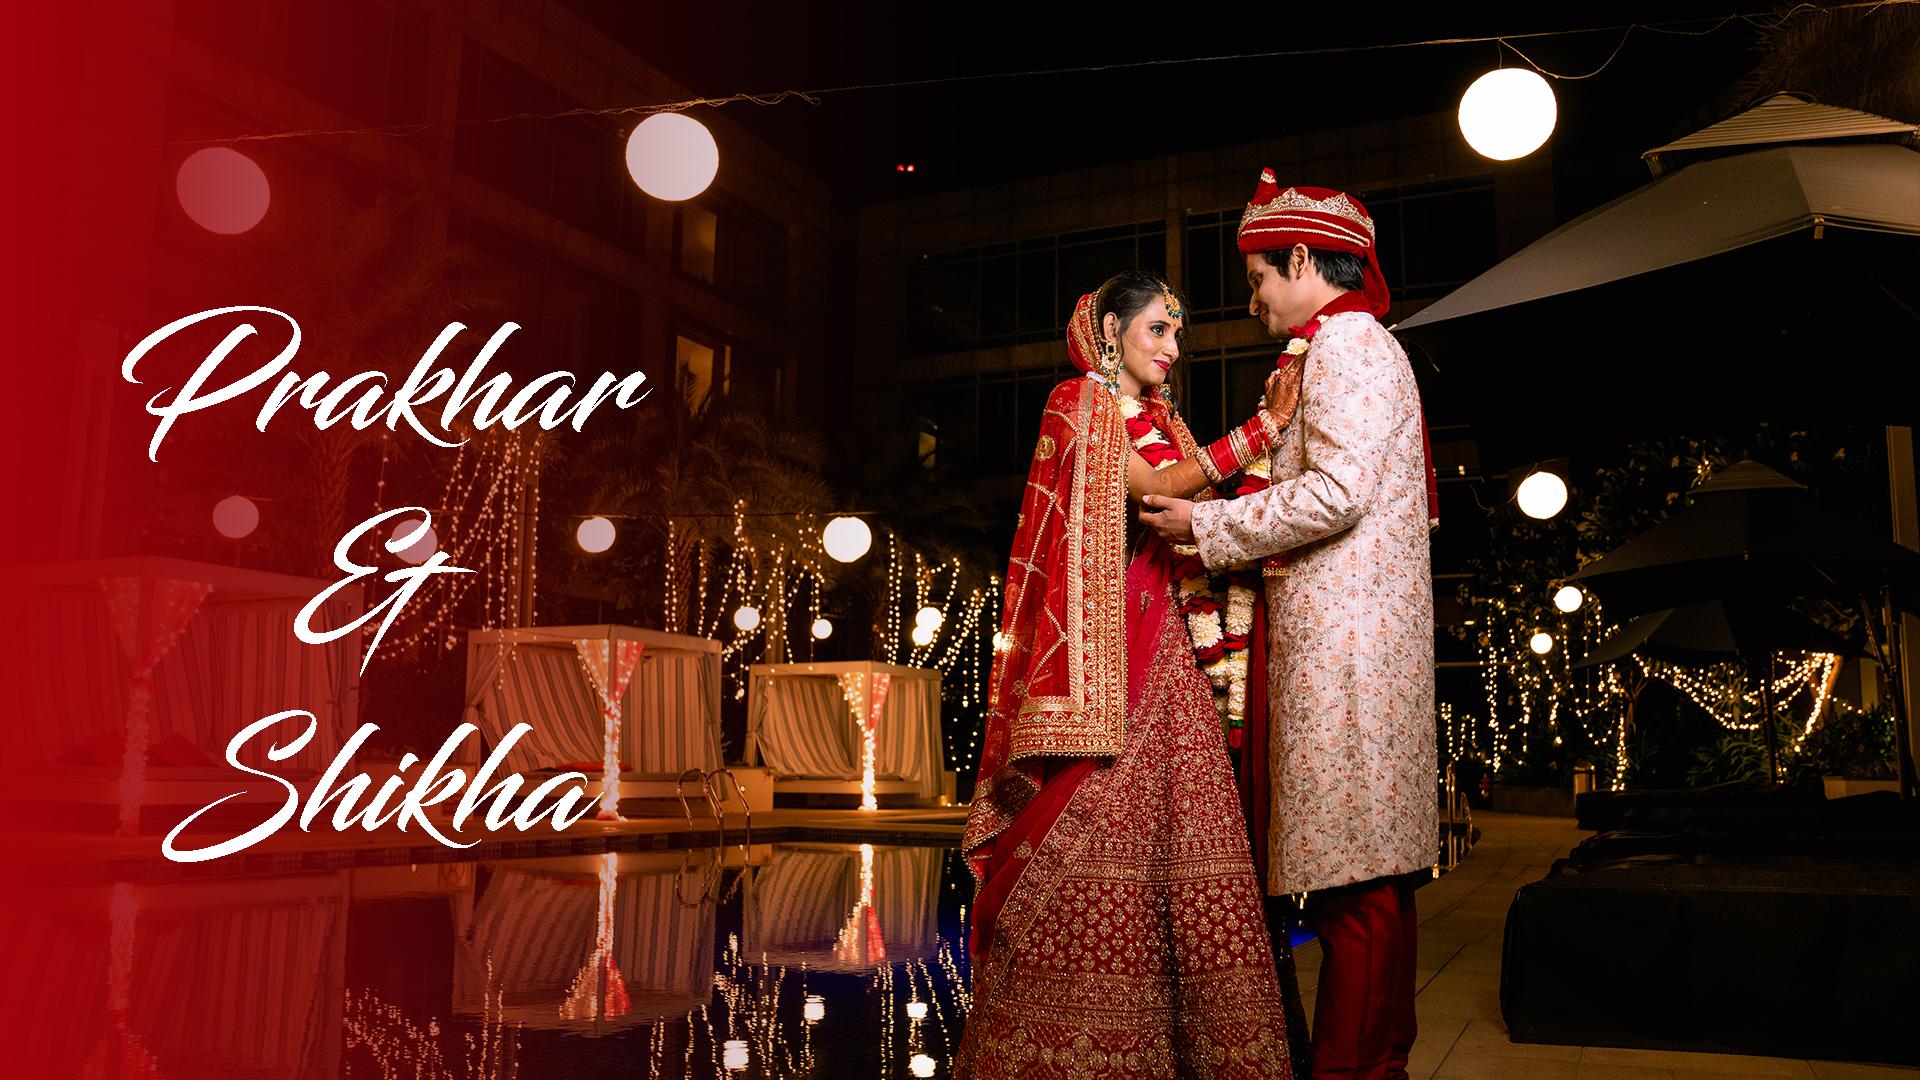 wedding videography, cinematic wedding videography, wedding videography near me, photographer and videographer for wedding, best wedding videographers, marriage photographers